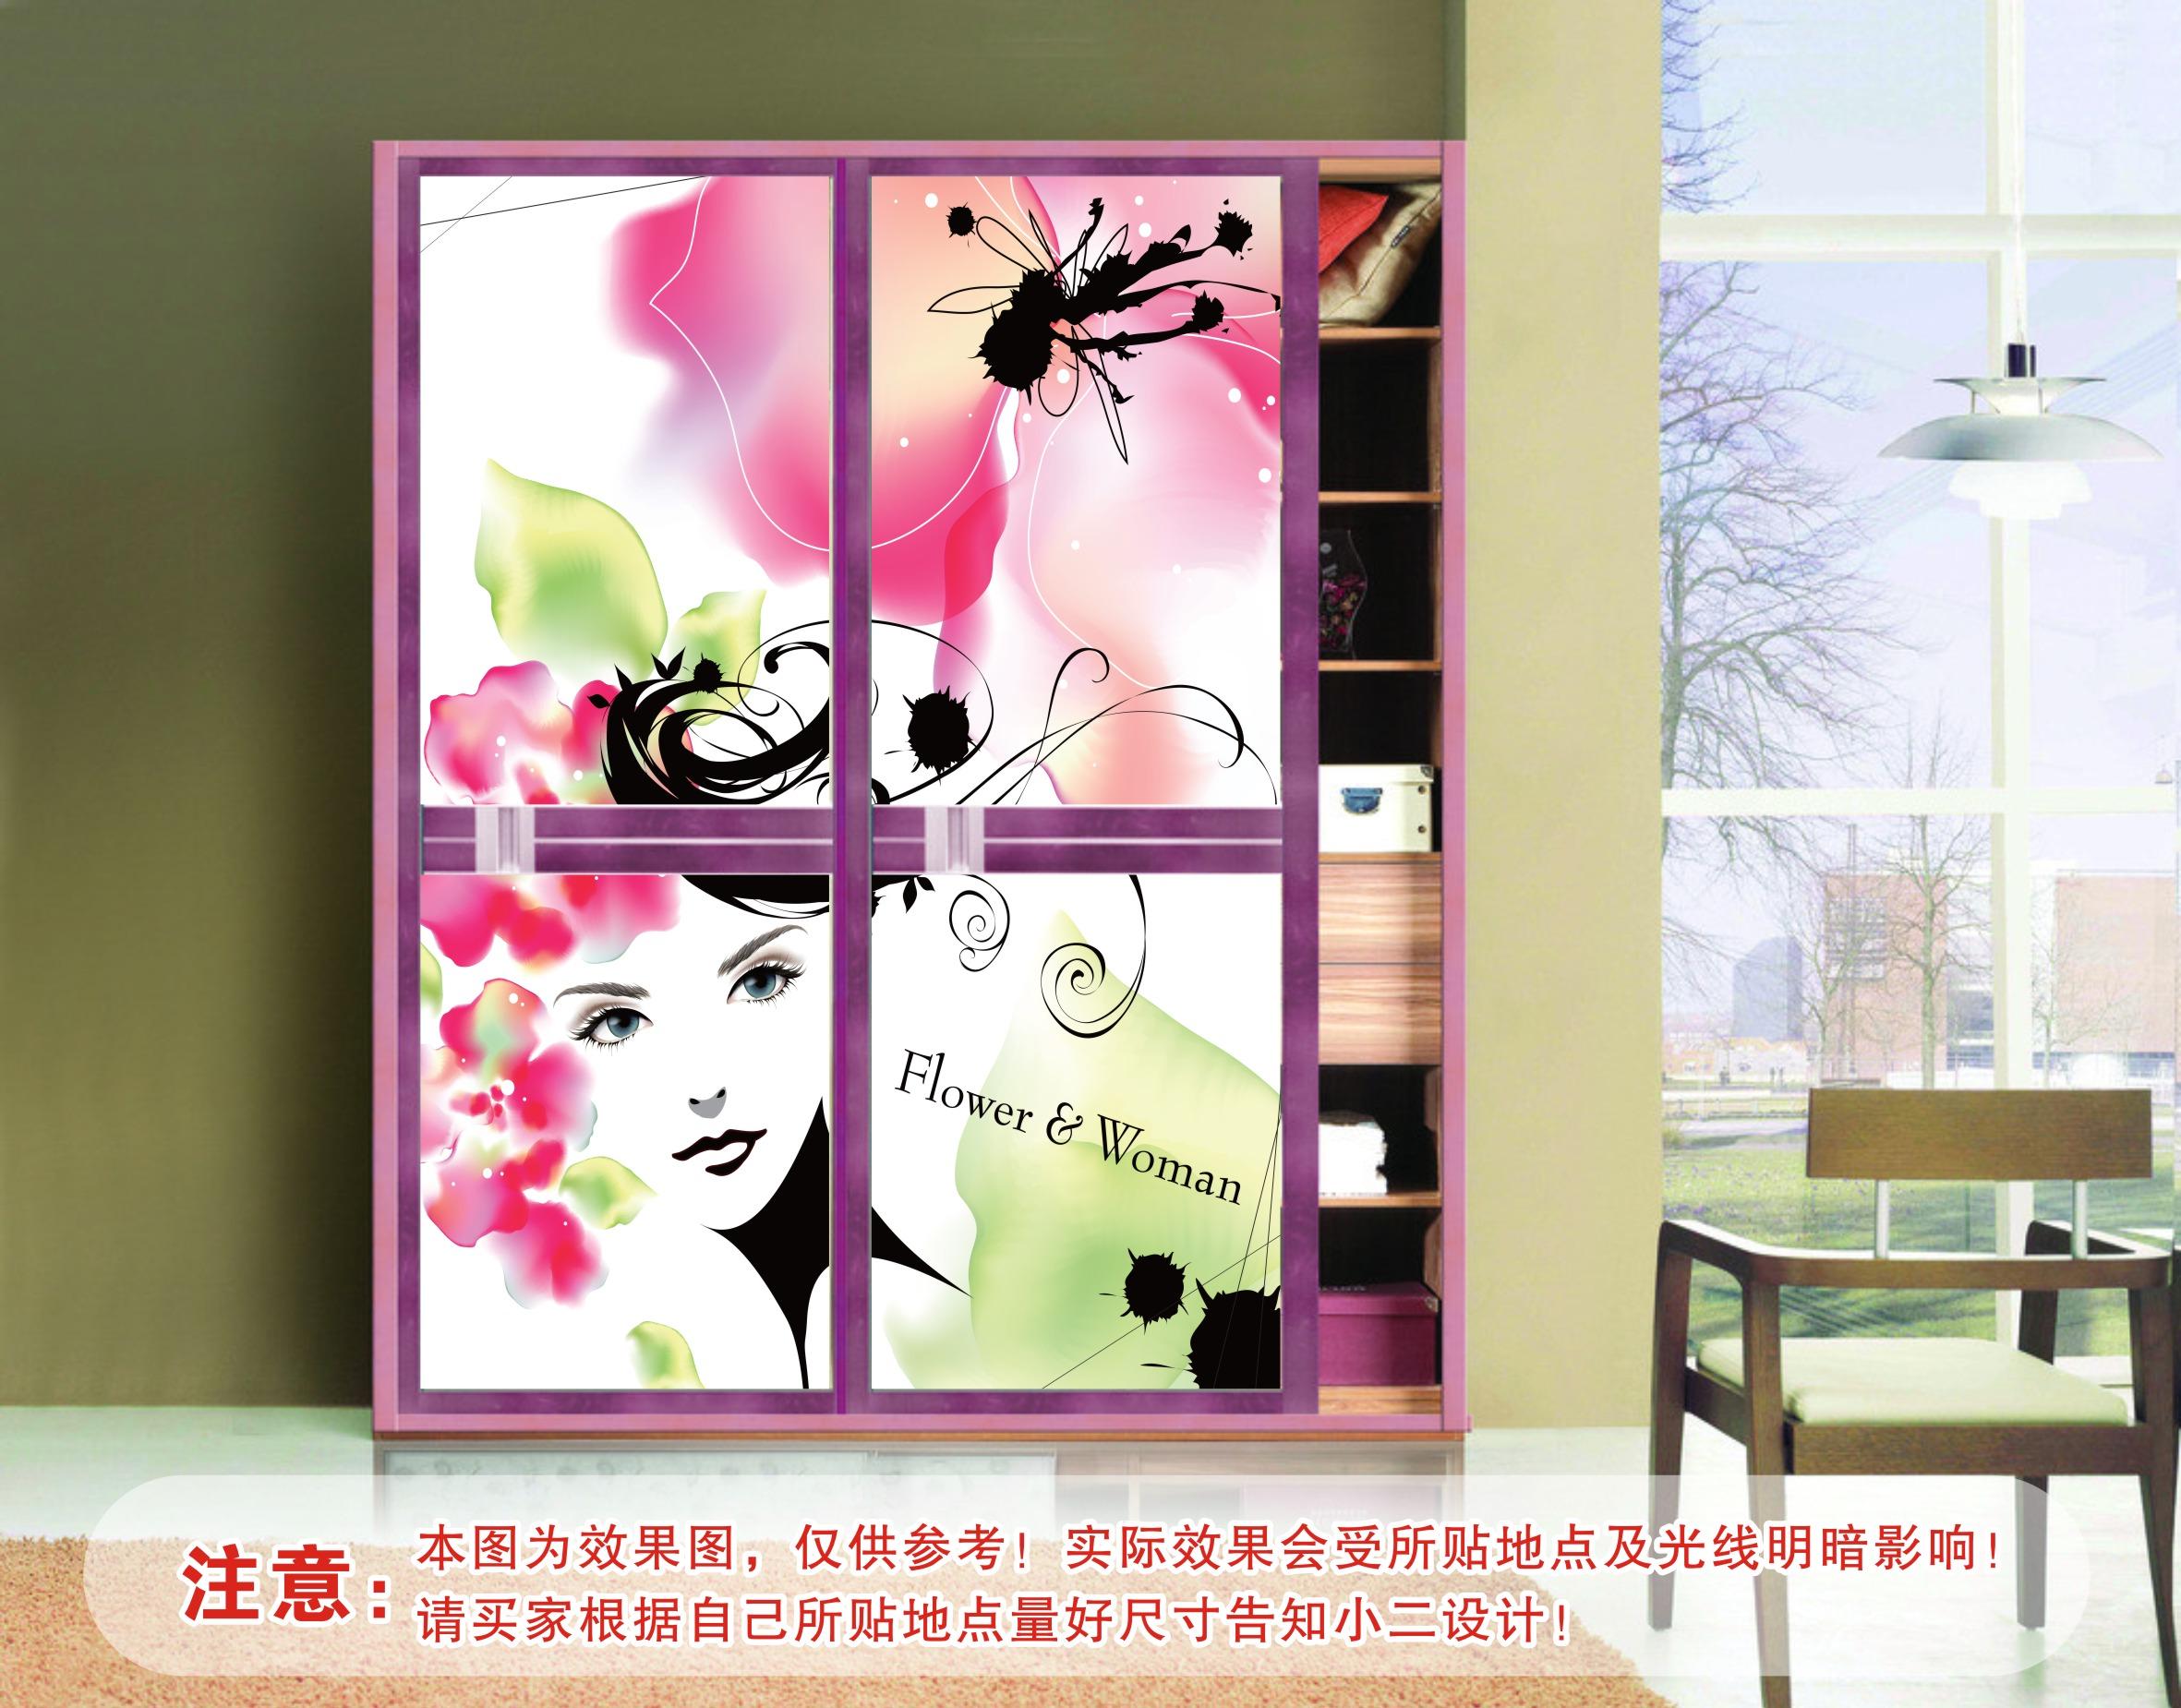 Personalize multicromáticas guarda-roupa adesivos porta de correr adesivos adesivos de vidro adesivos moda a026(China (Mainland))